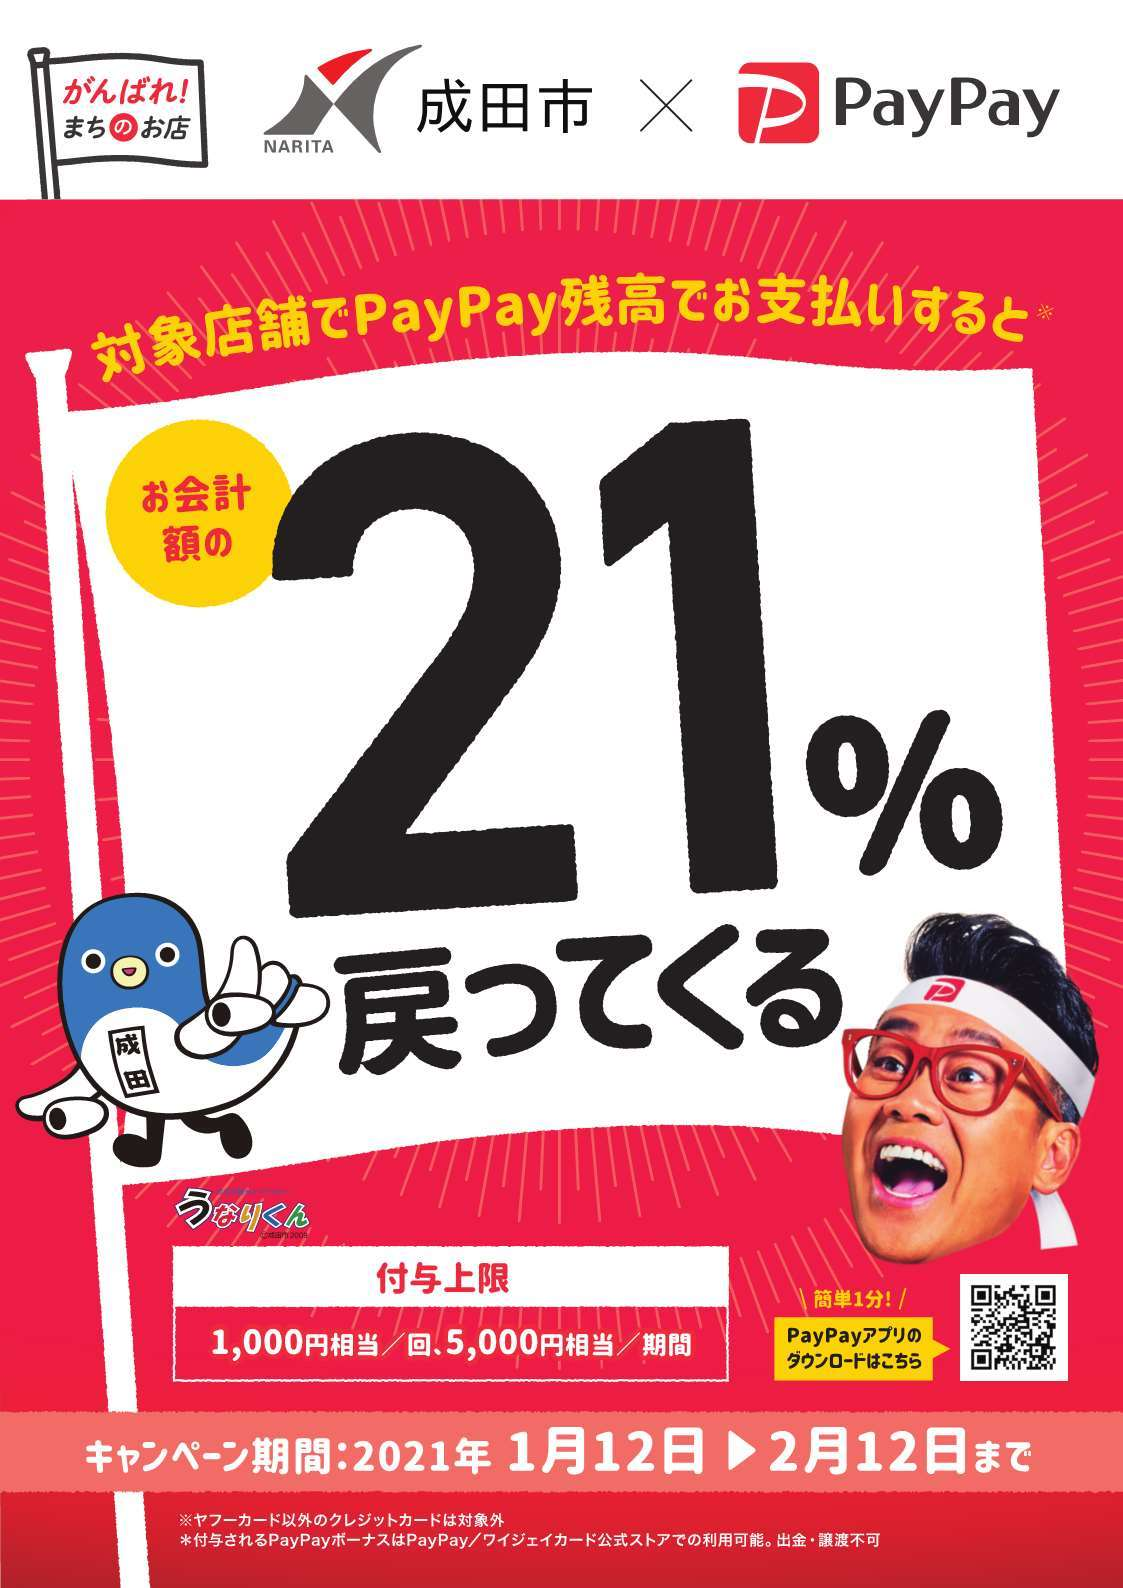 今ならpaypay21%ポイトバック実施中‼️_a0217348_21250294.jpg